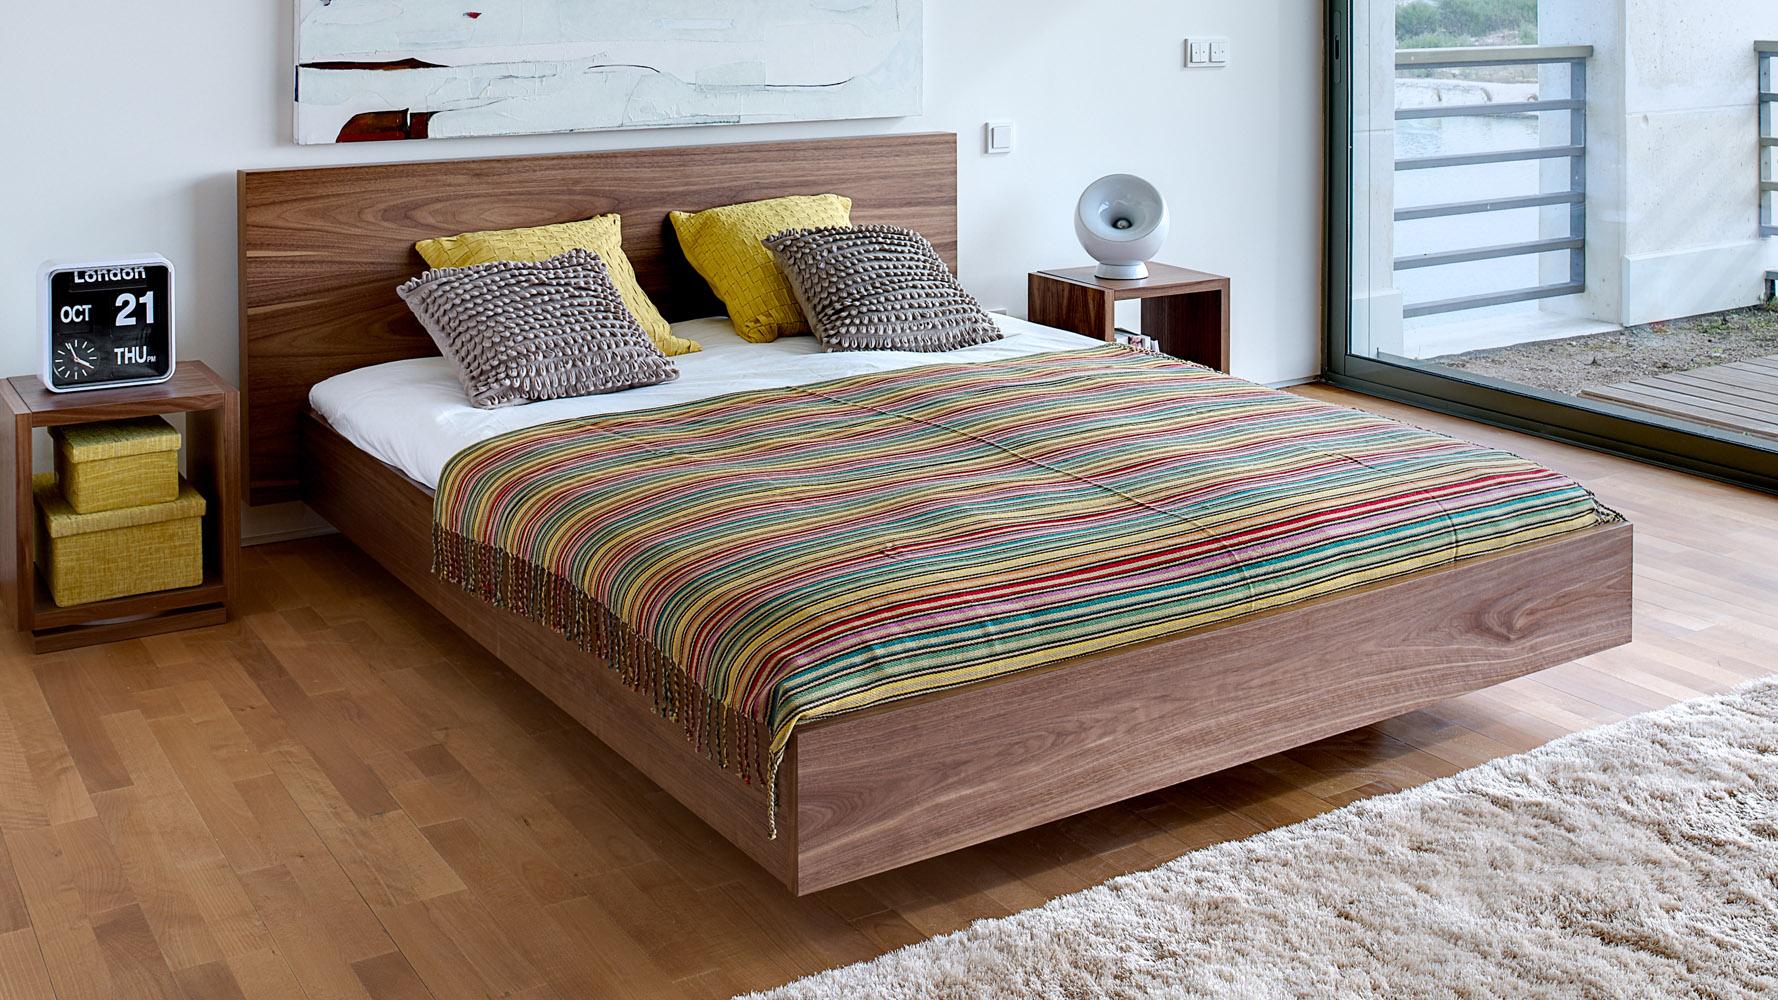 Кровать из ореха в доме